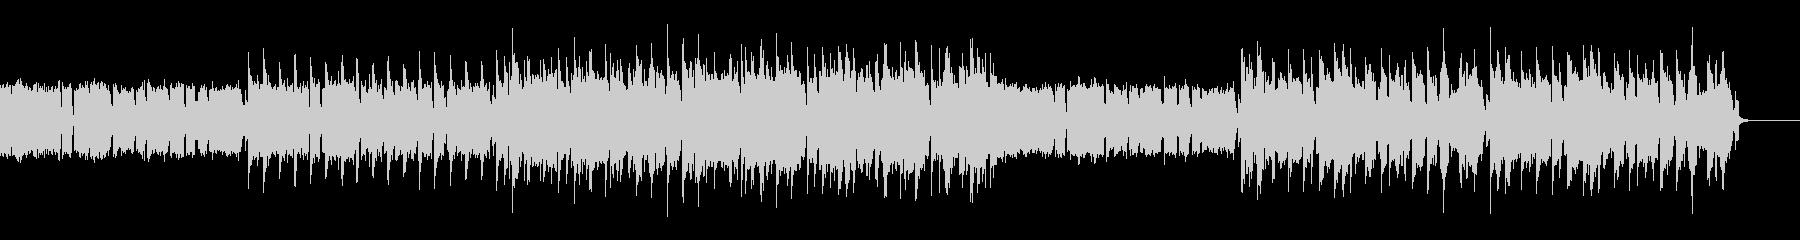 ヴィンテージ風ロックの未再生の波形